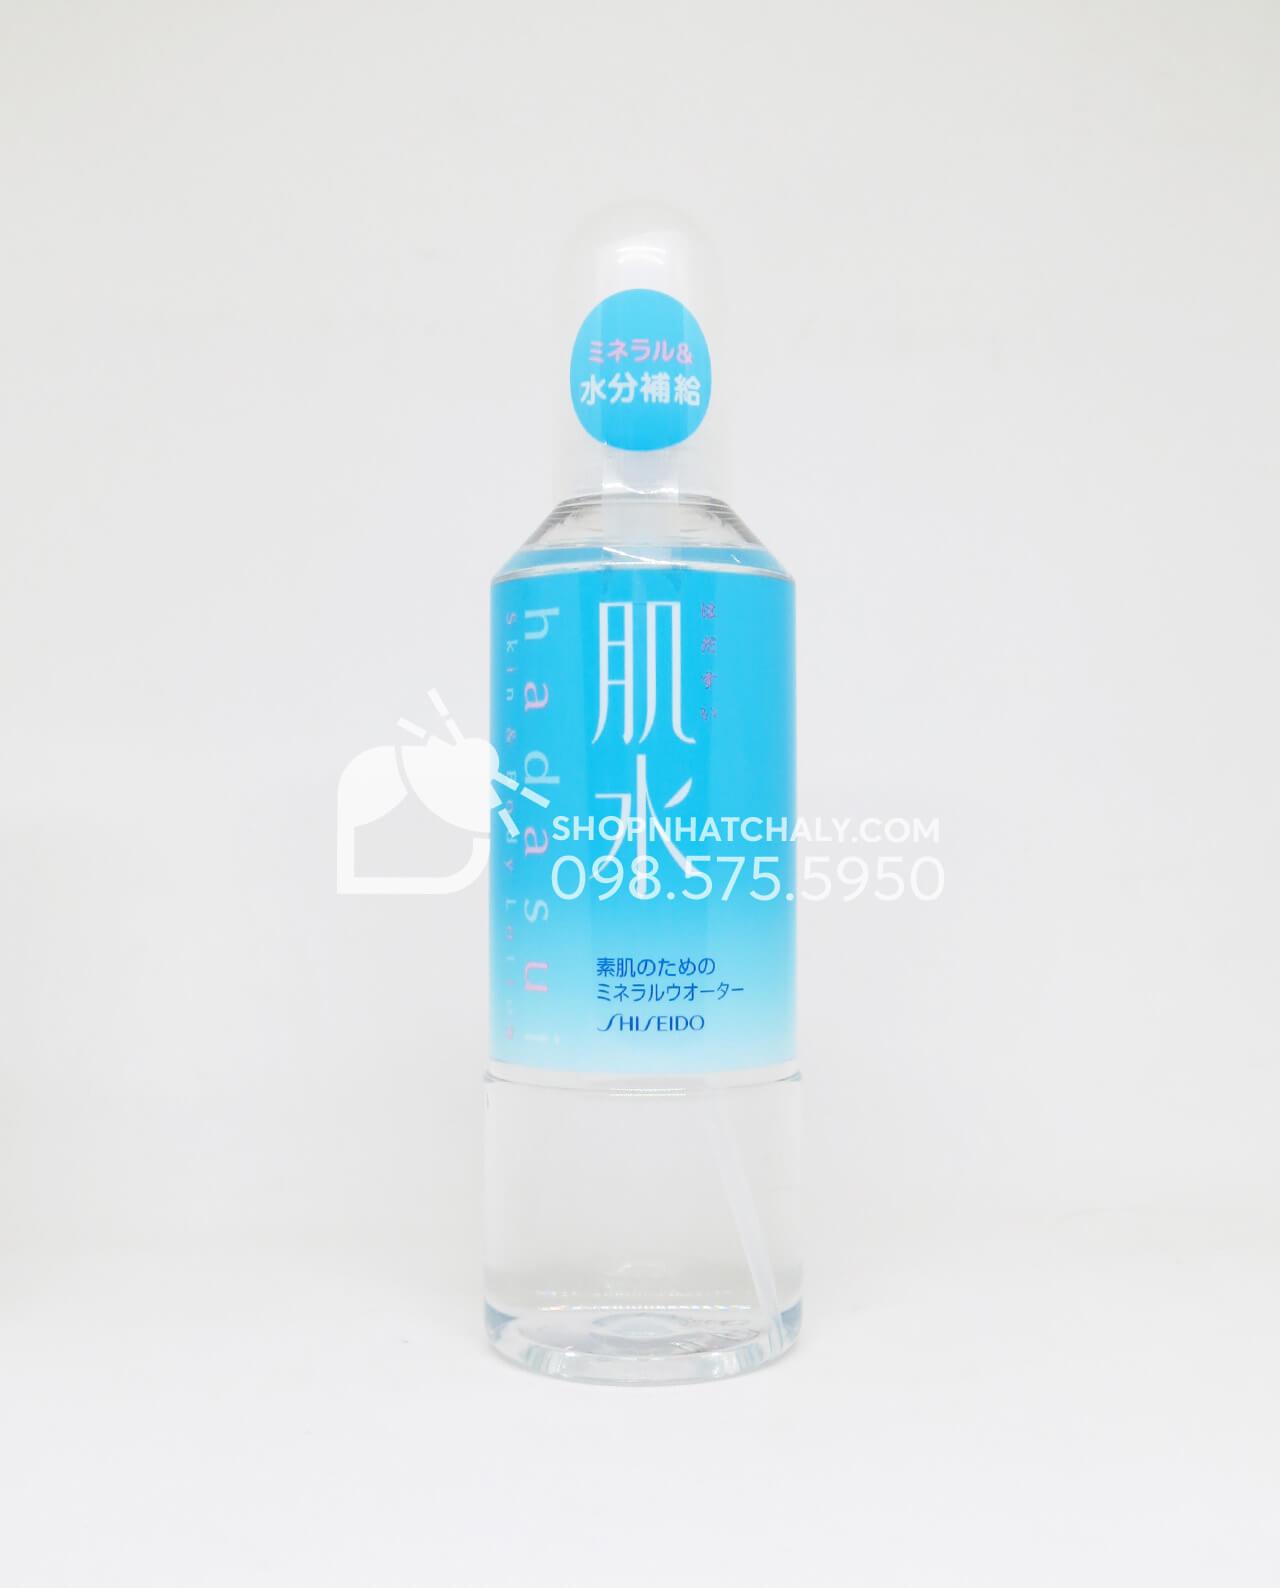 Nước xịt khoáng Shiseido Hadasui 240ml Nhật Bản xanh Mineral water